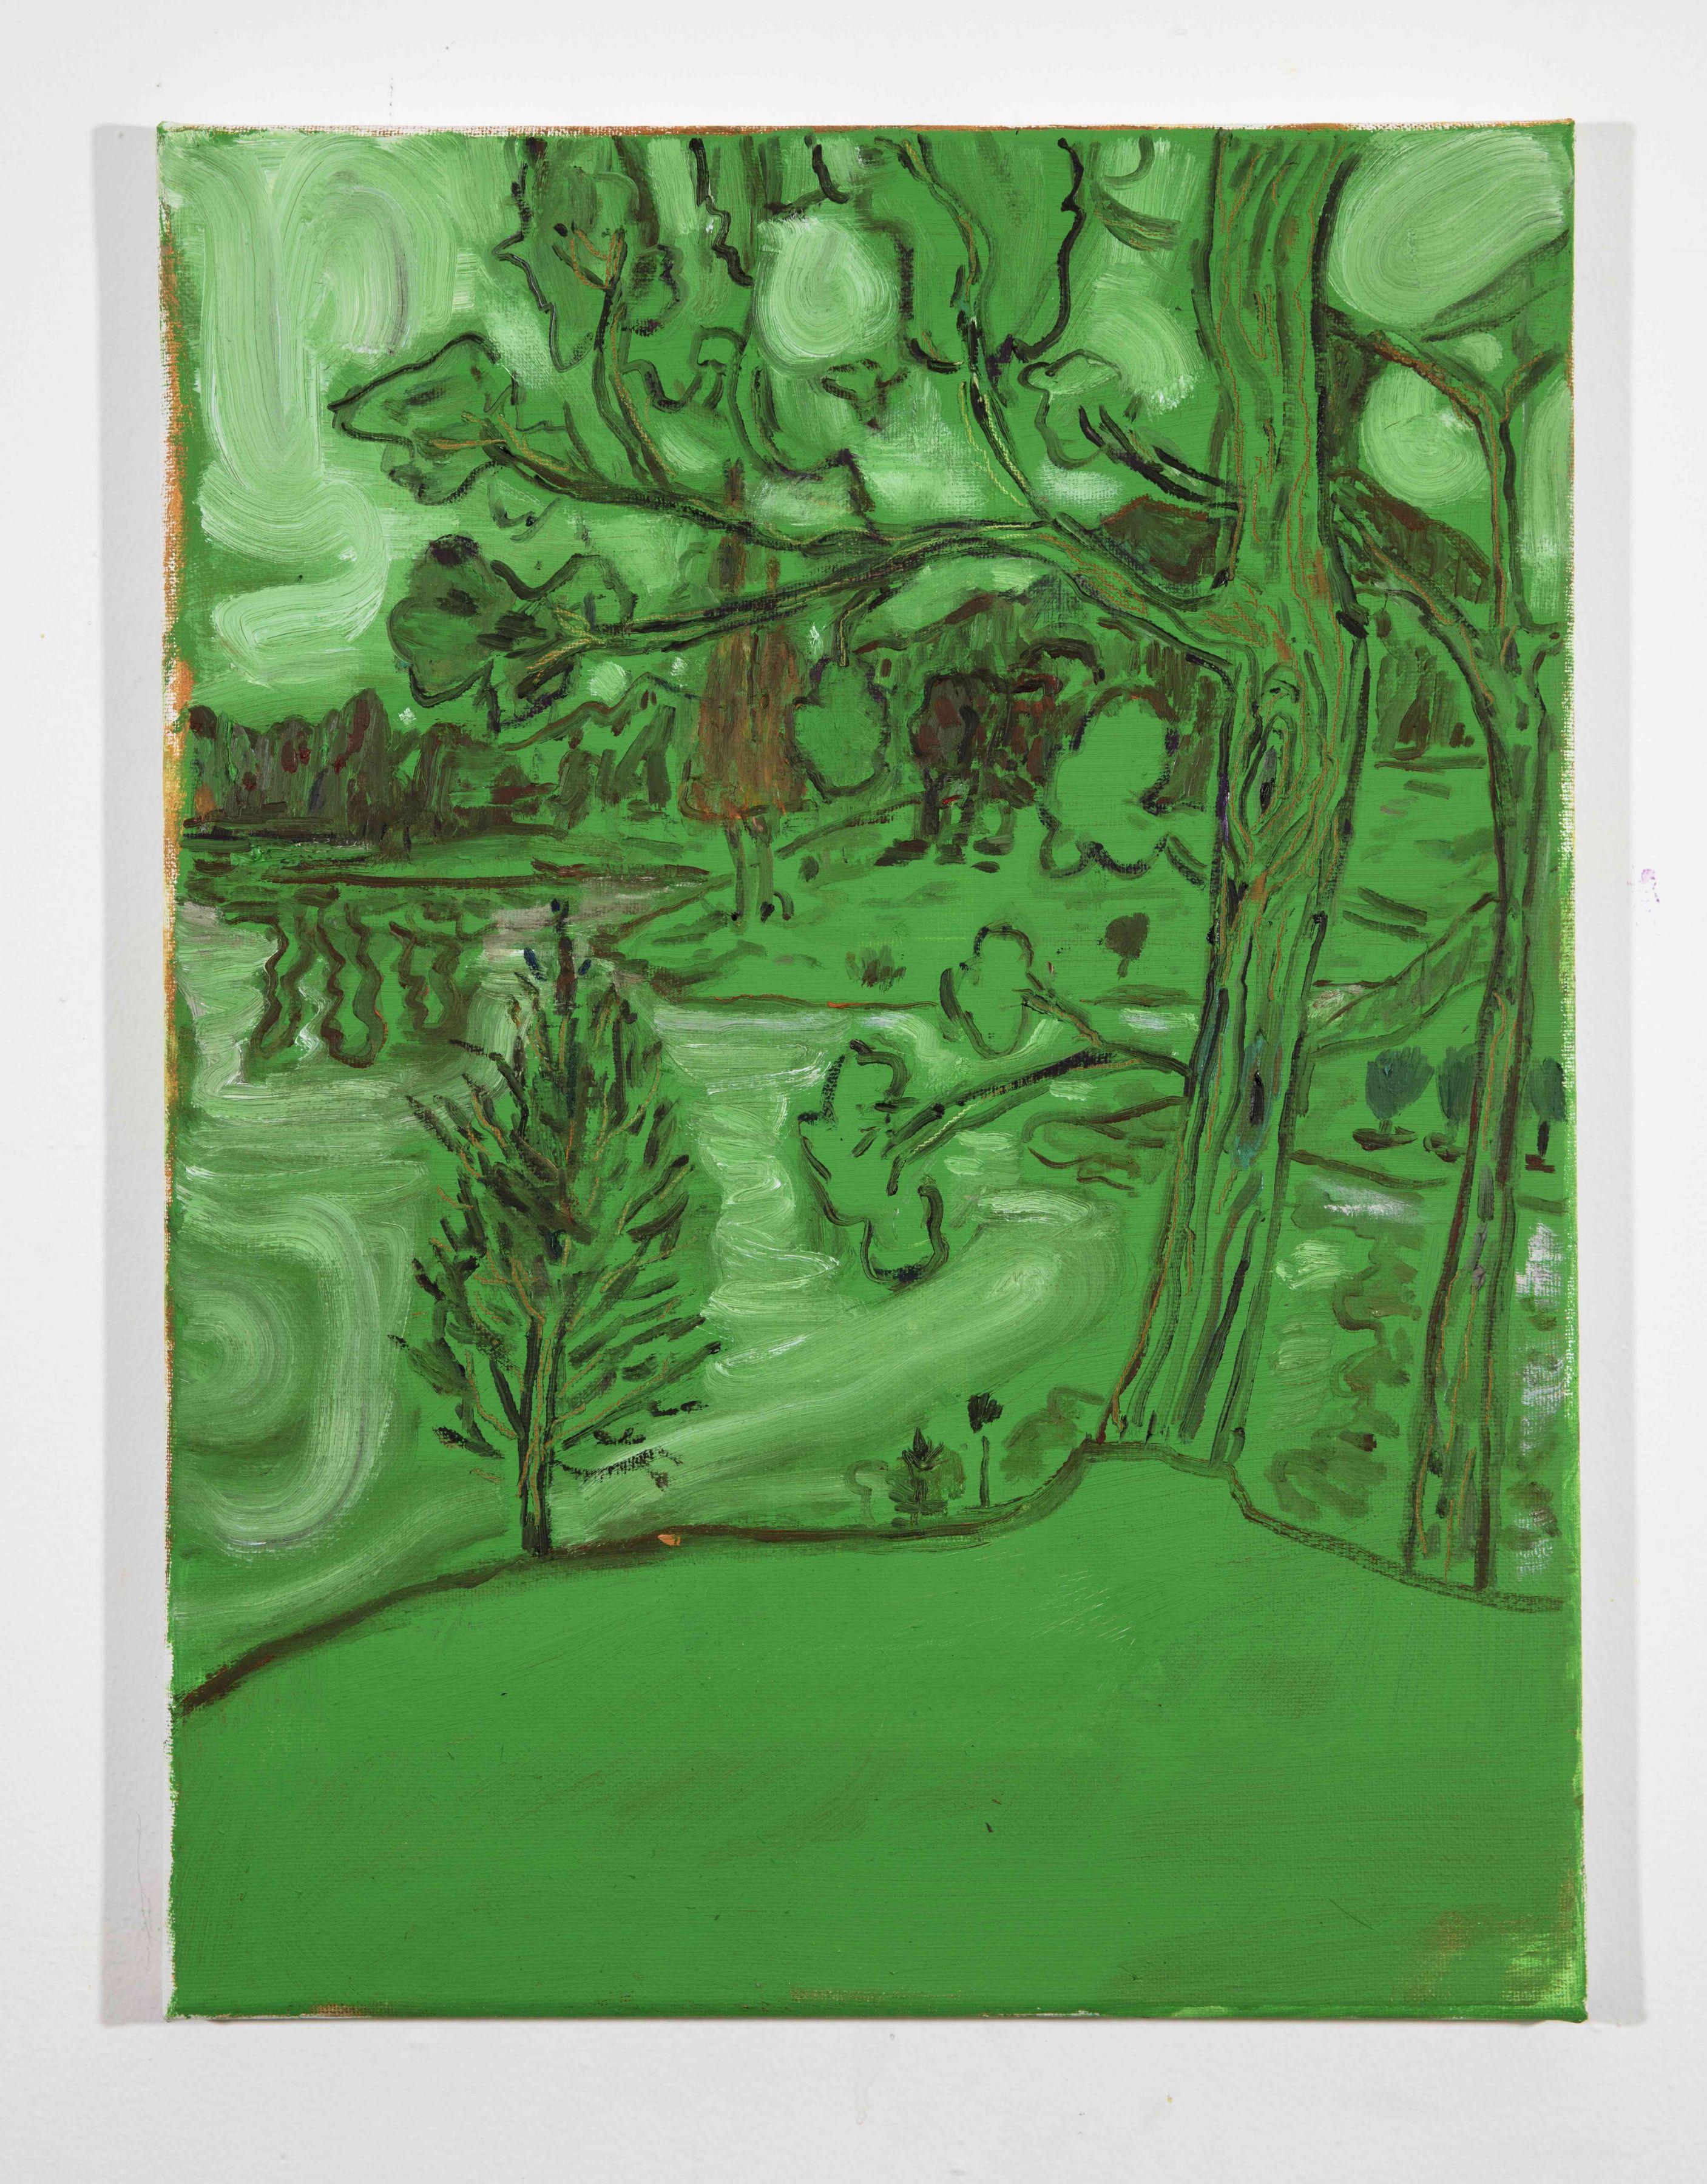 LISA SANDITZ, Landscape Color Study 17, 2019